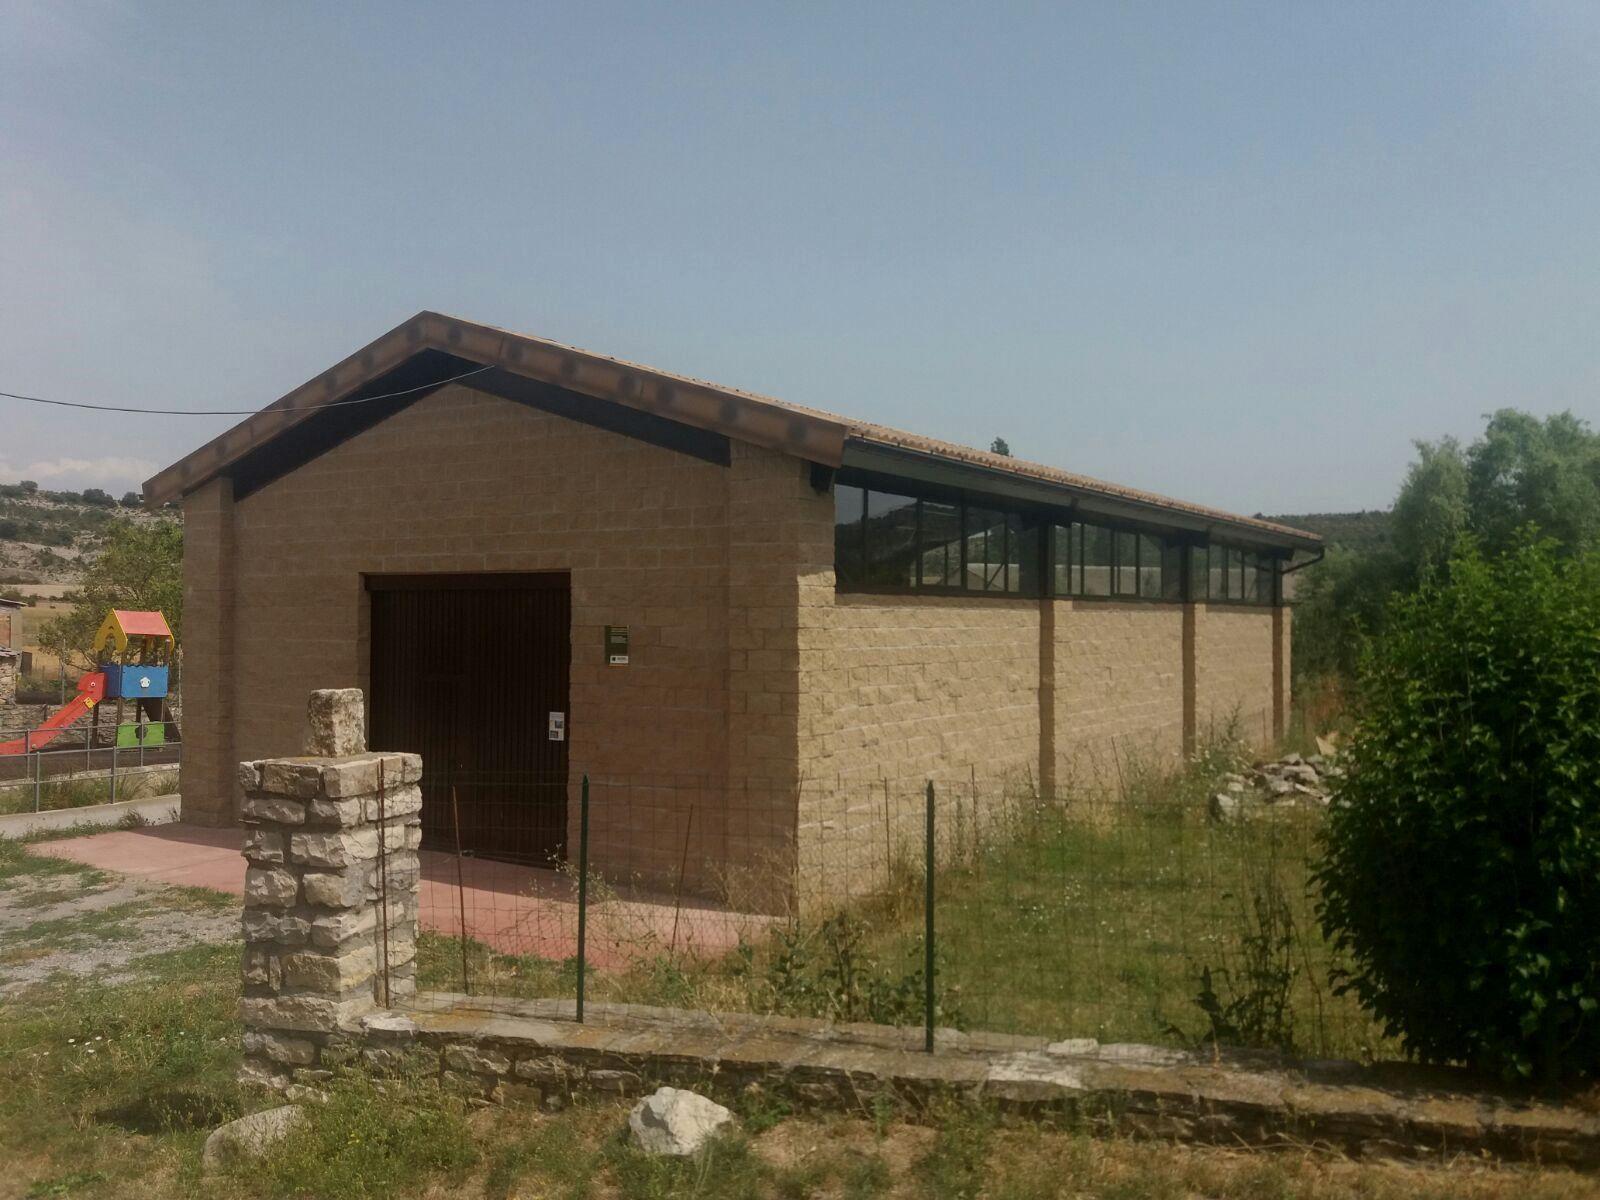 Imagen del Centro de visitantes y salón social de Paúles de Sarsa. Aínsa-Sobnrarbe